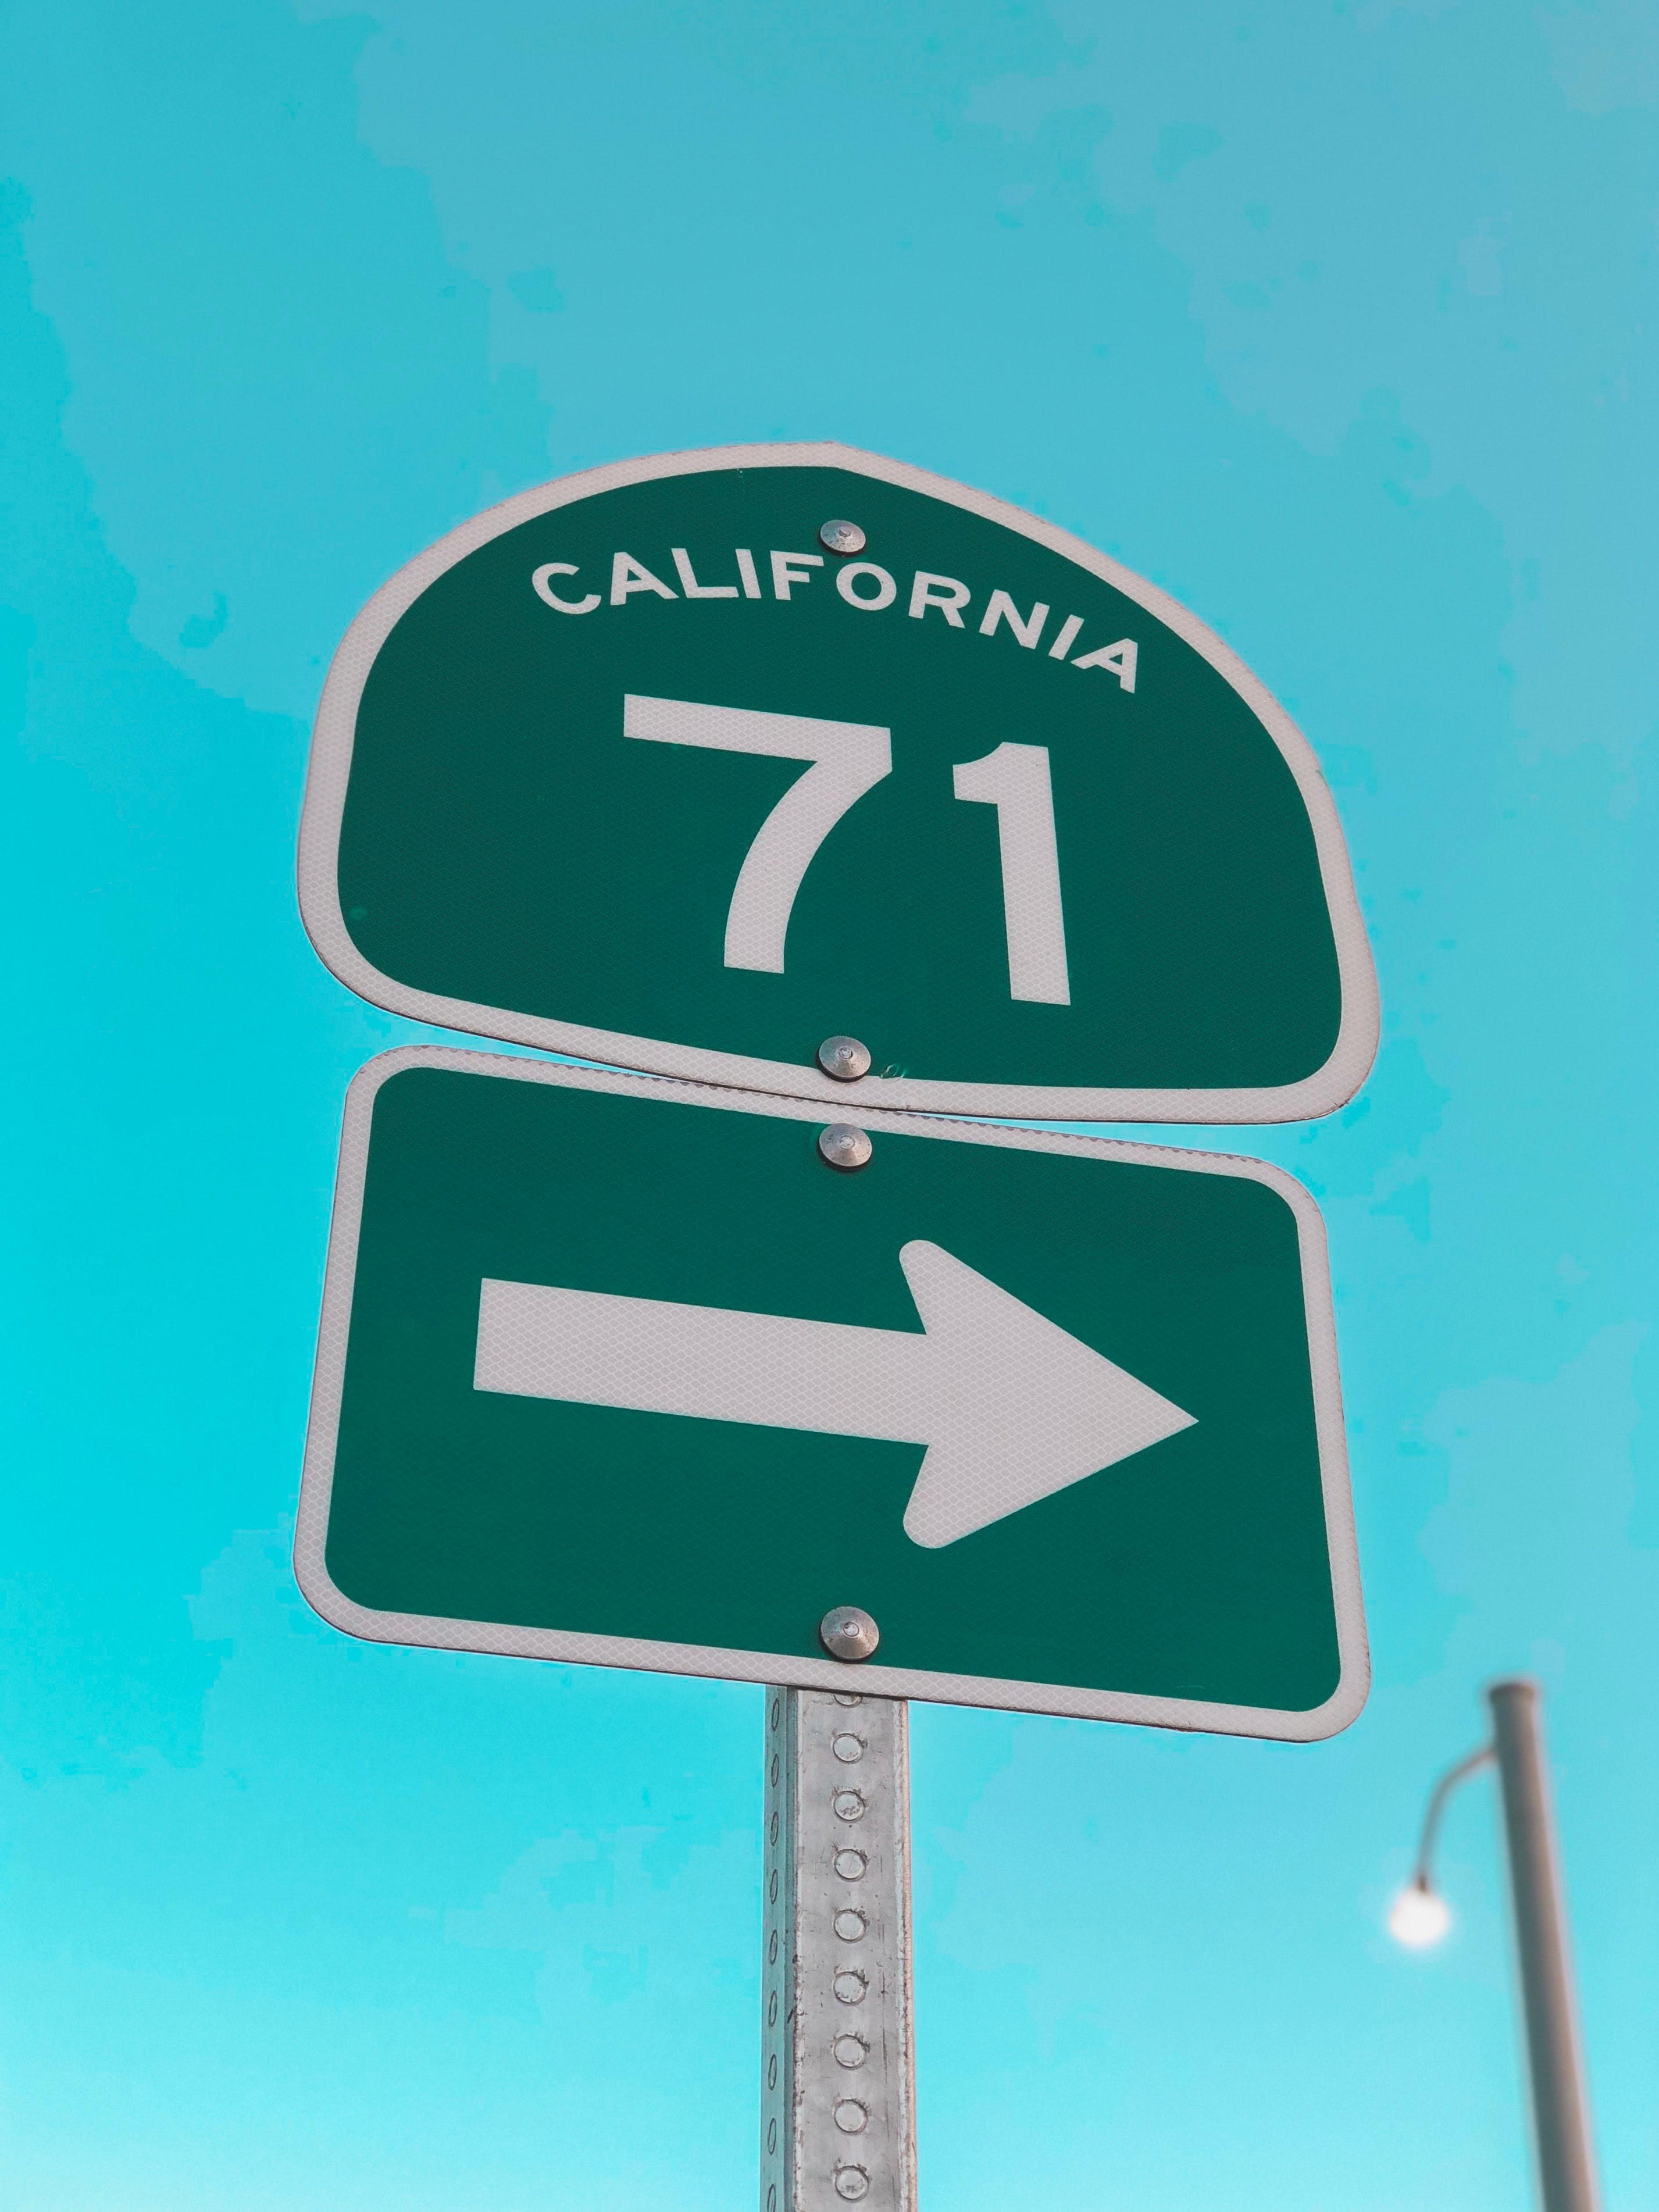 126529壁紙のダウンロード言葉, カリフォルニア, カリフォルニア州, 符号, 看板, 数字, 像, 碑文-スクリーンセーバーと写真を無料で